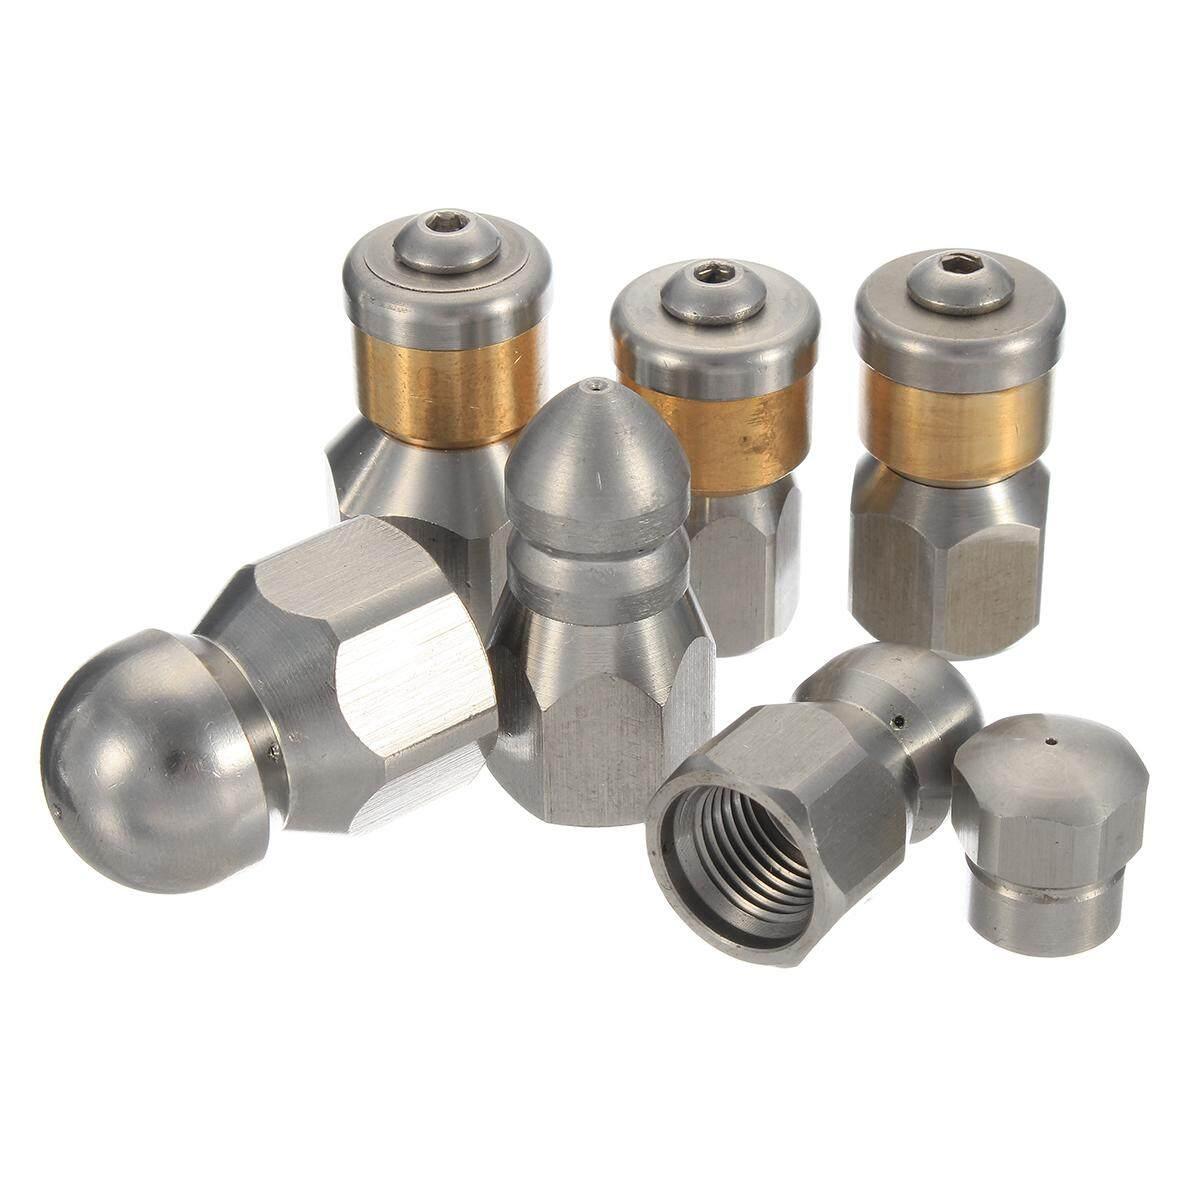 Sewer Jetter Nozzle, Button Nose, Pressure Drain Hose Nozzle, Jetter Hose Nozzle 1/8 1 front 3 back - intl